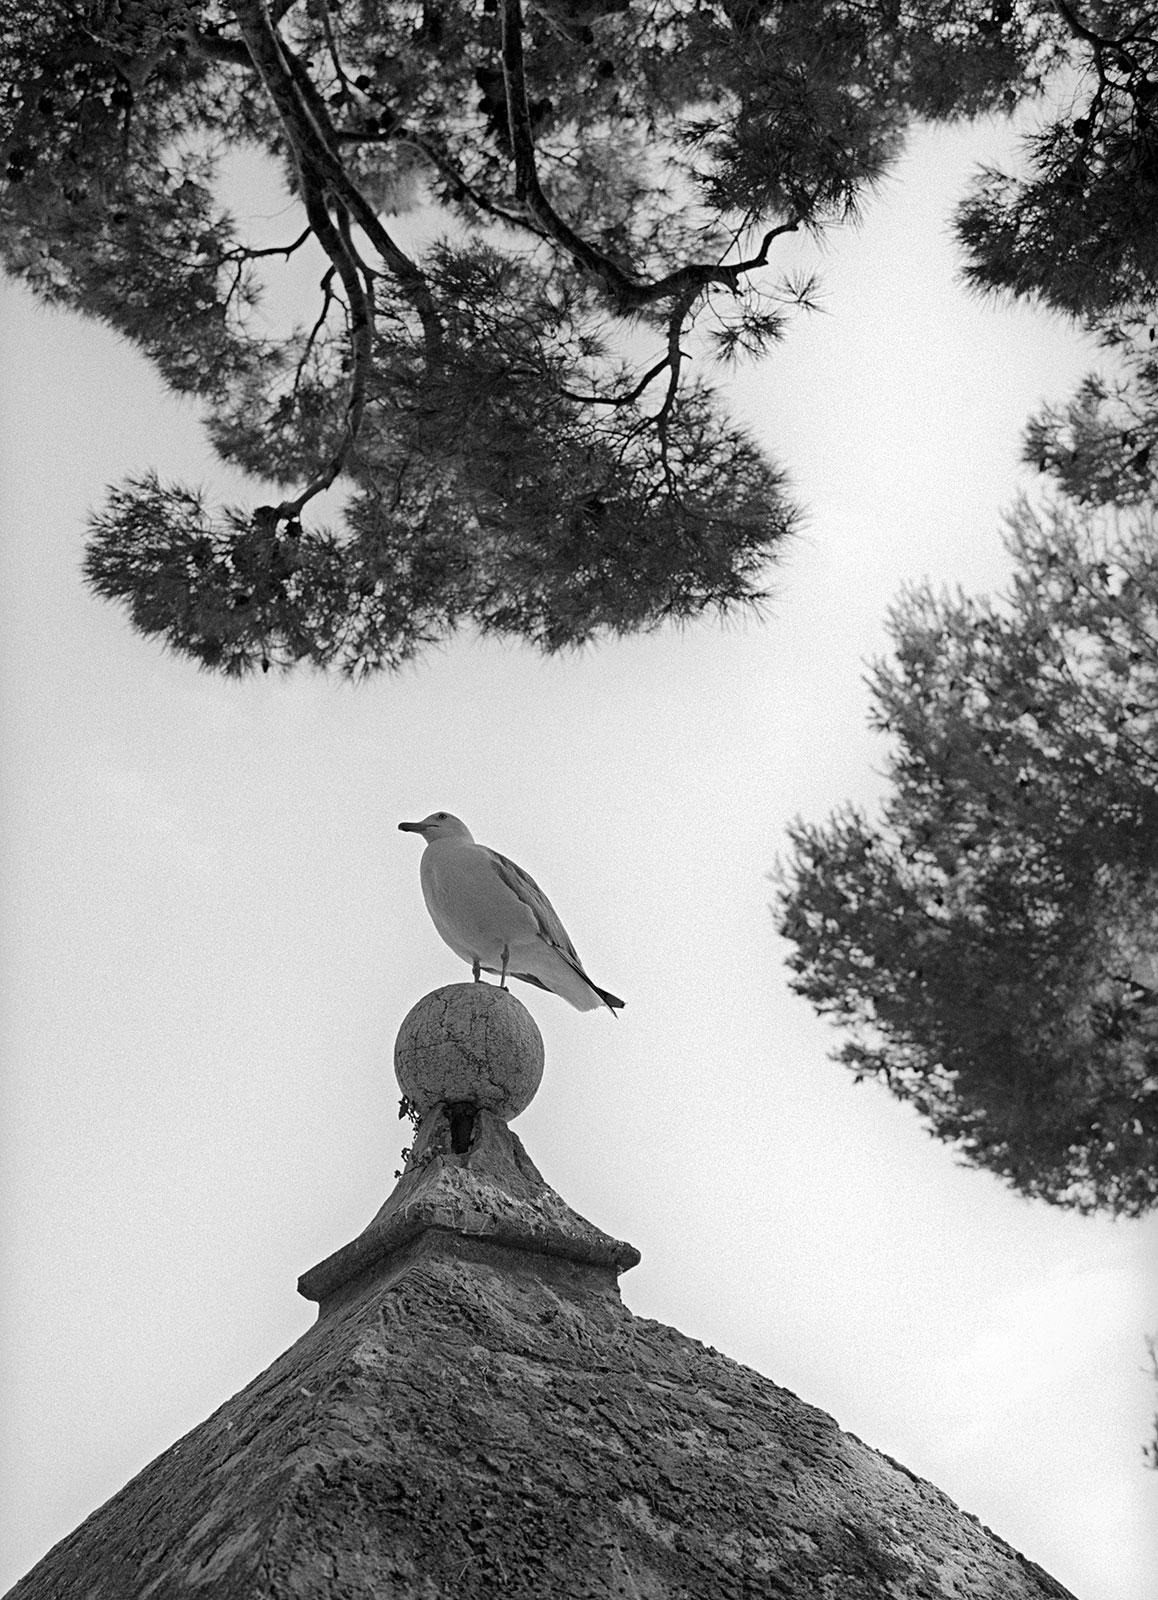 Monaco is a birdland